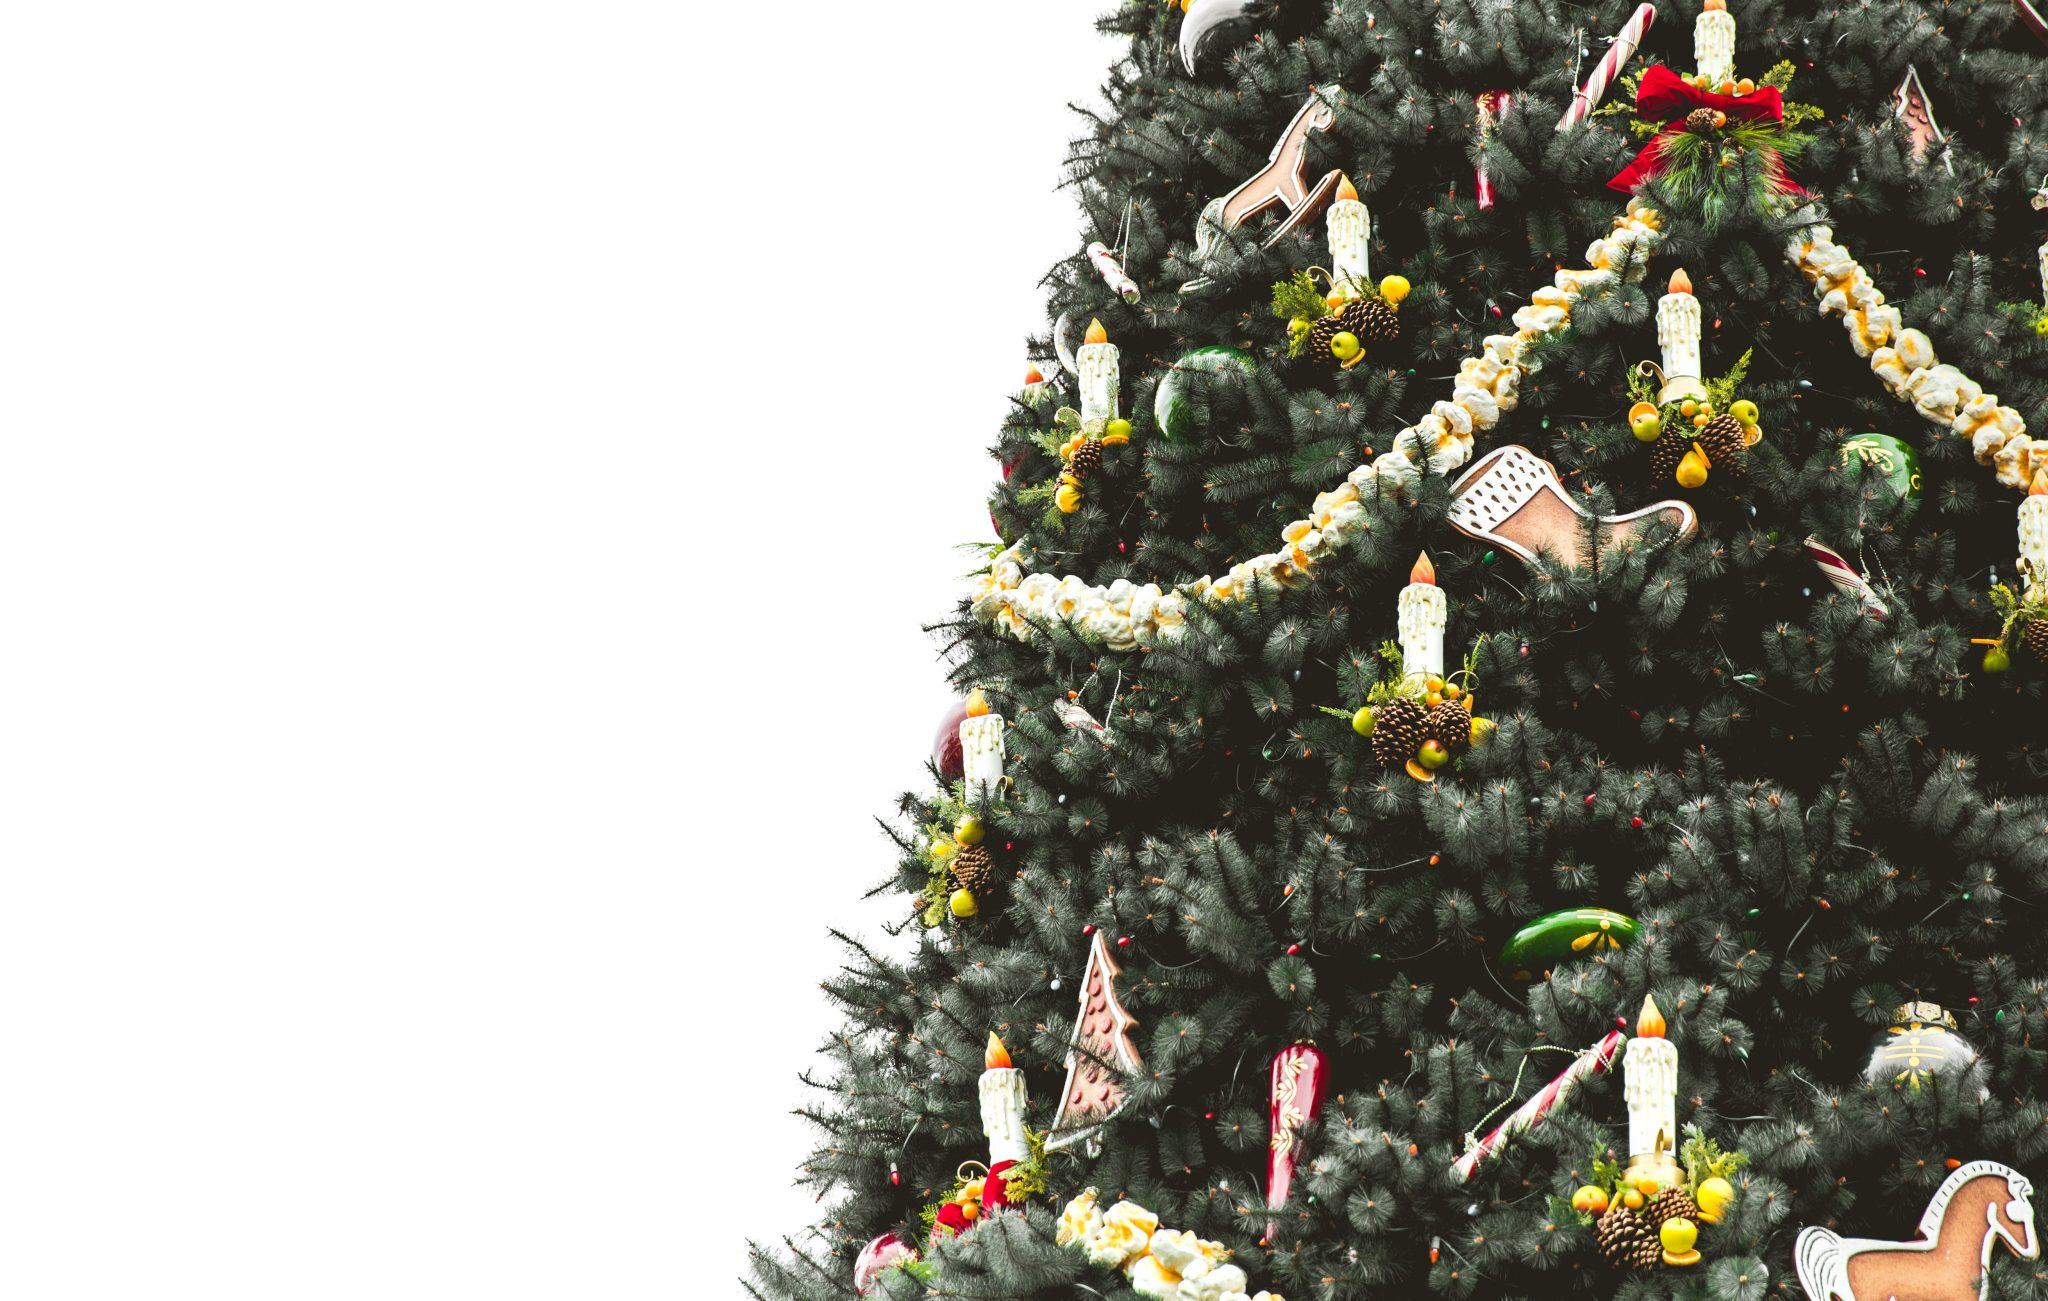 Ministerios de Música lanzan producciones navideñas